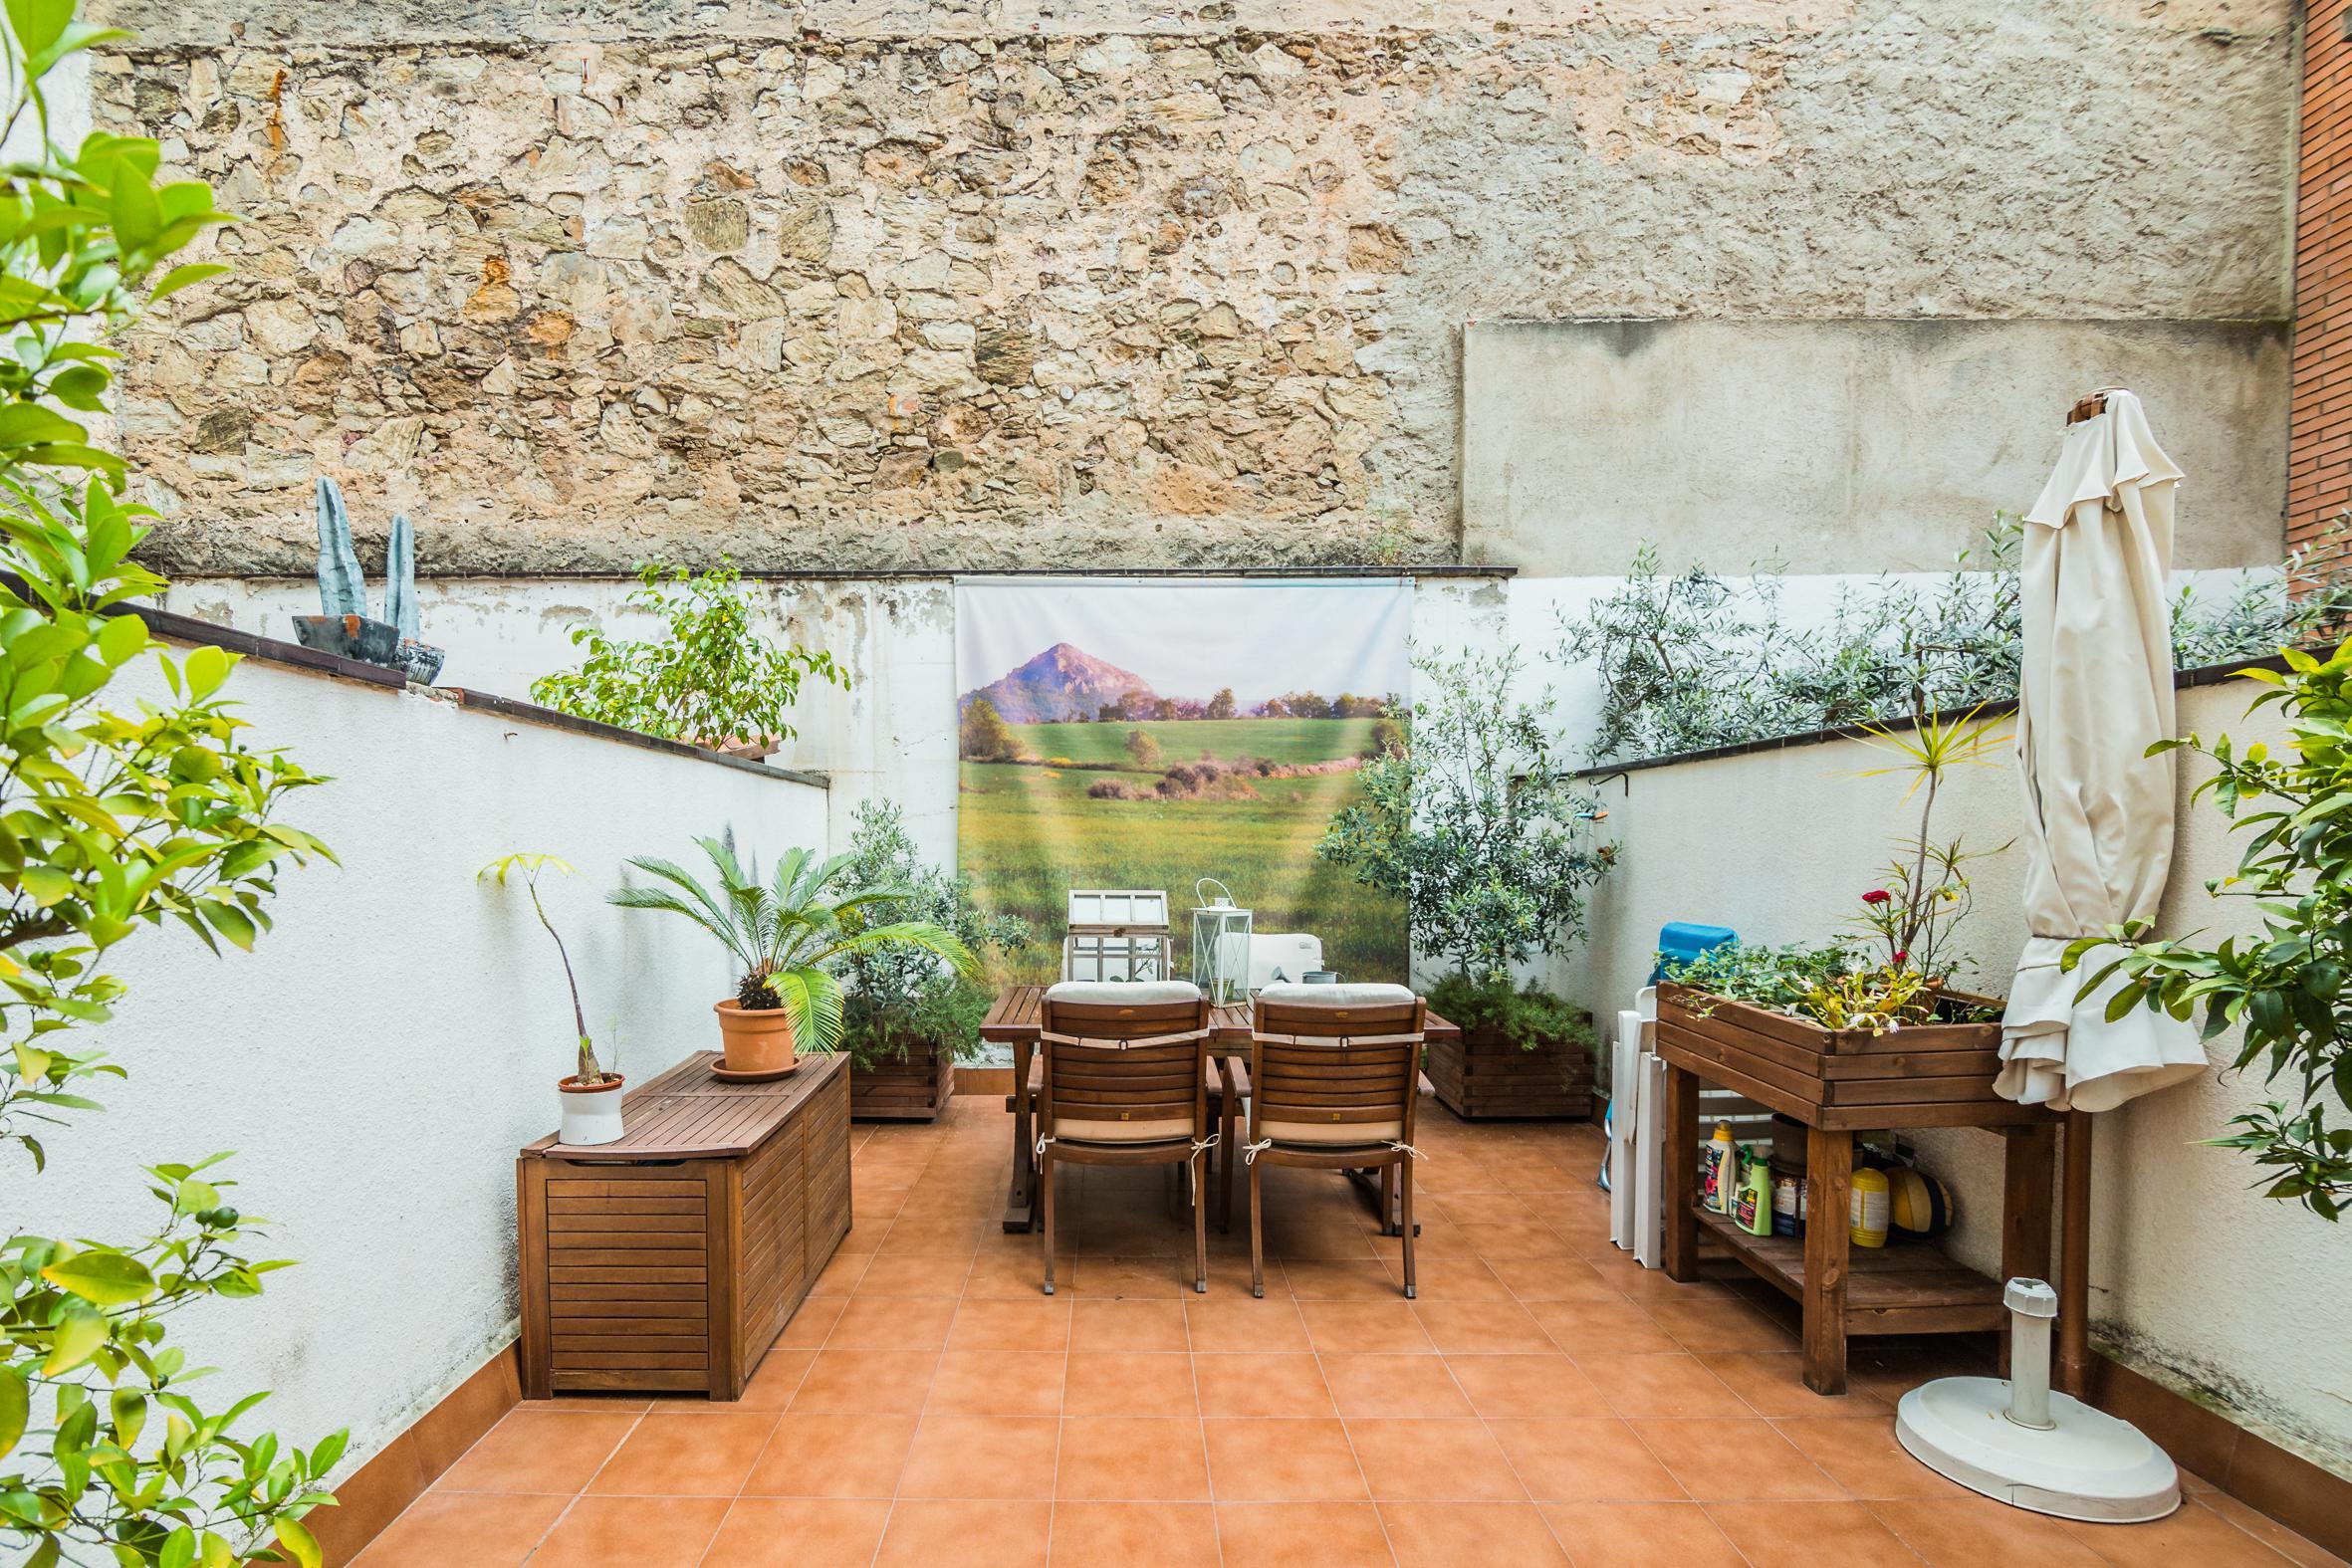 207314 Dúplex en venta en Gràcia, Vallcarca i els Penitents 14